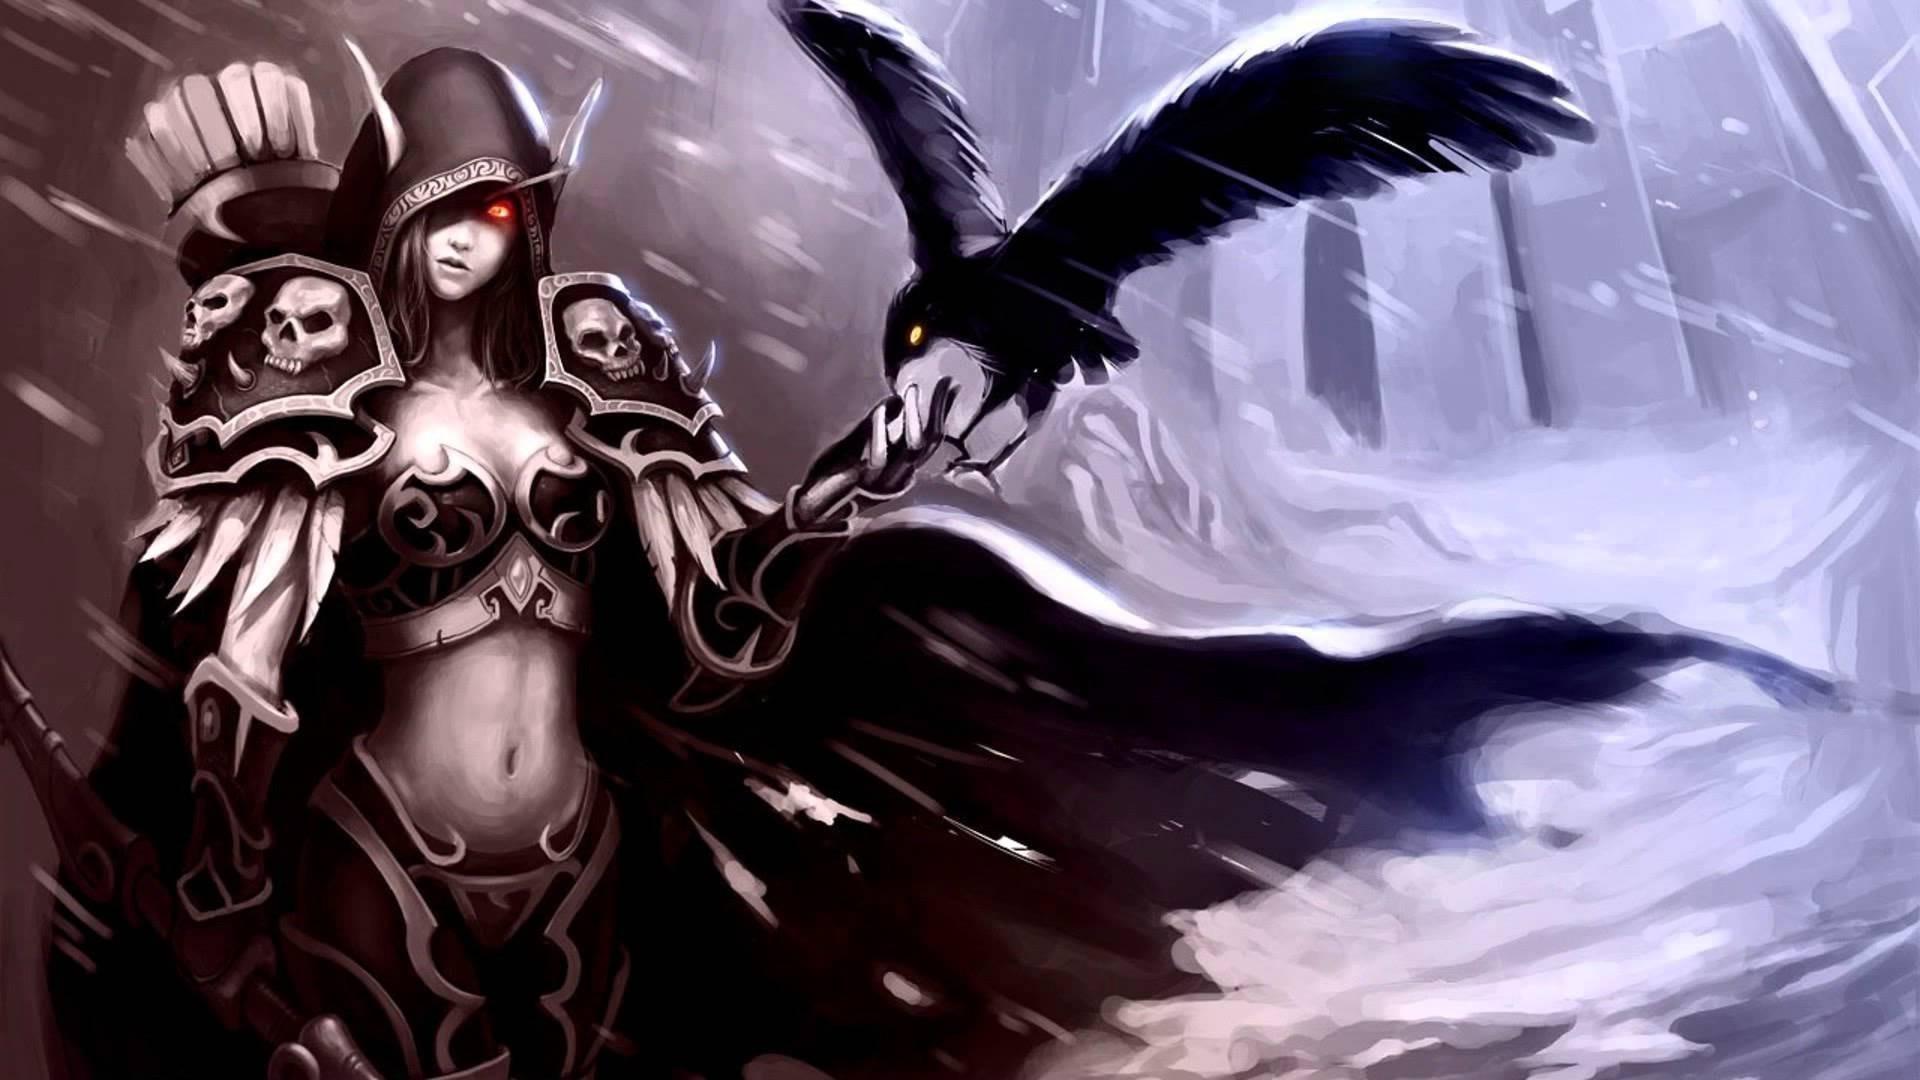 Sylvanas Windrunner, Video Games, World Of Warcraft, Raven, Digital Art,  Artwork Wallpapers HD / Desktop and Mobile Backgrounds